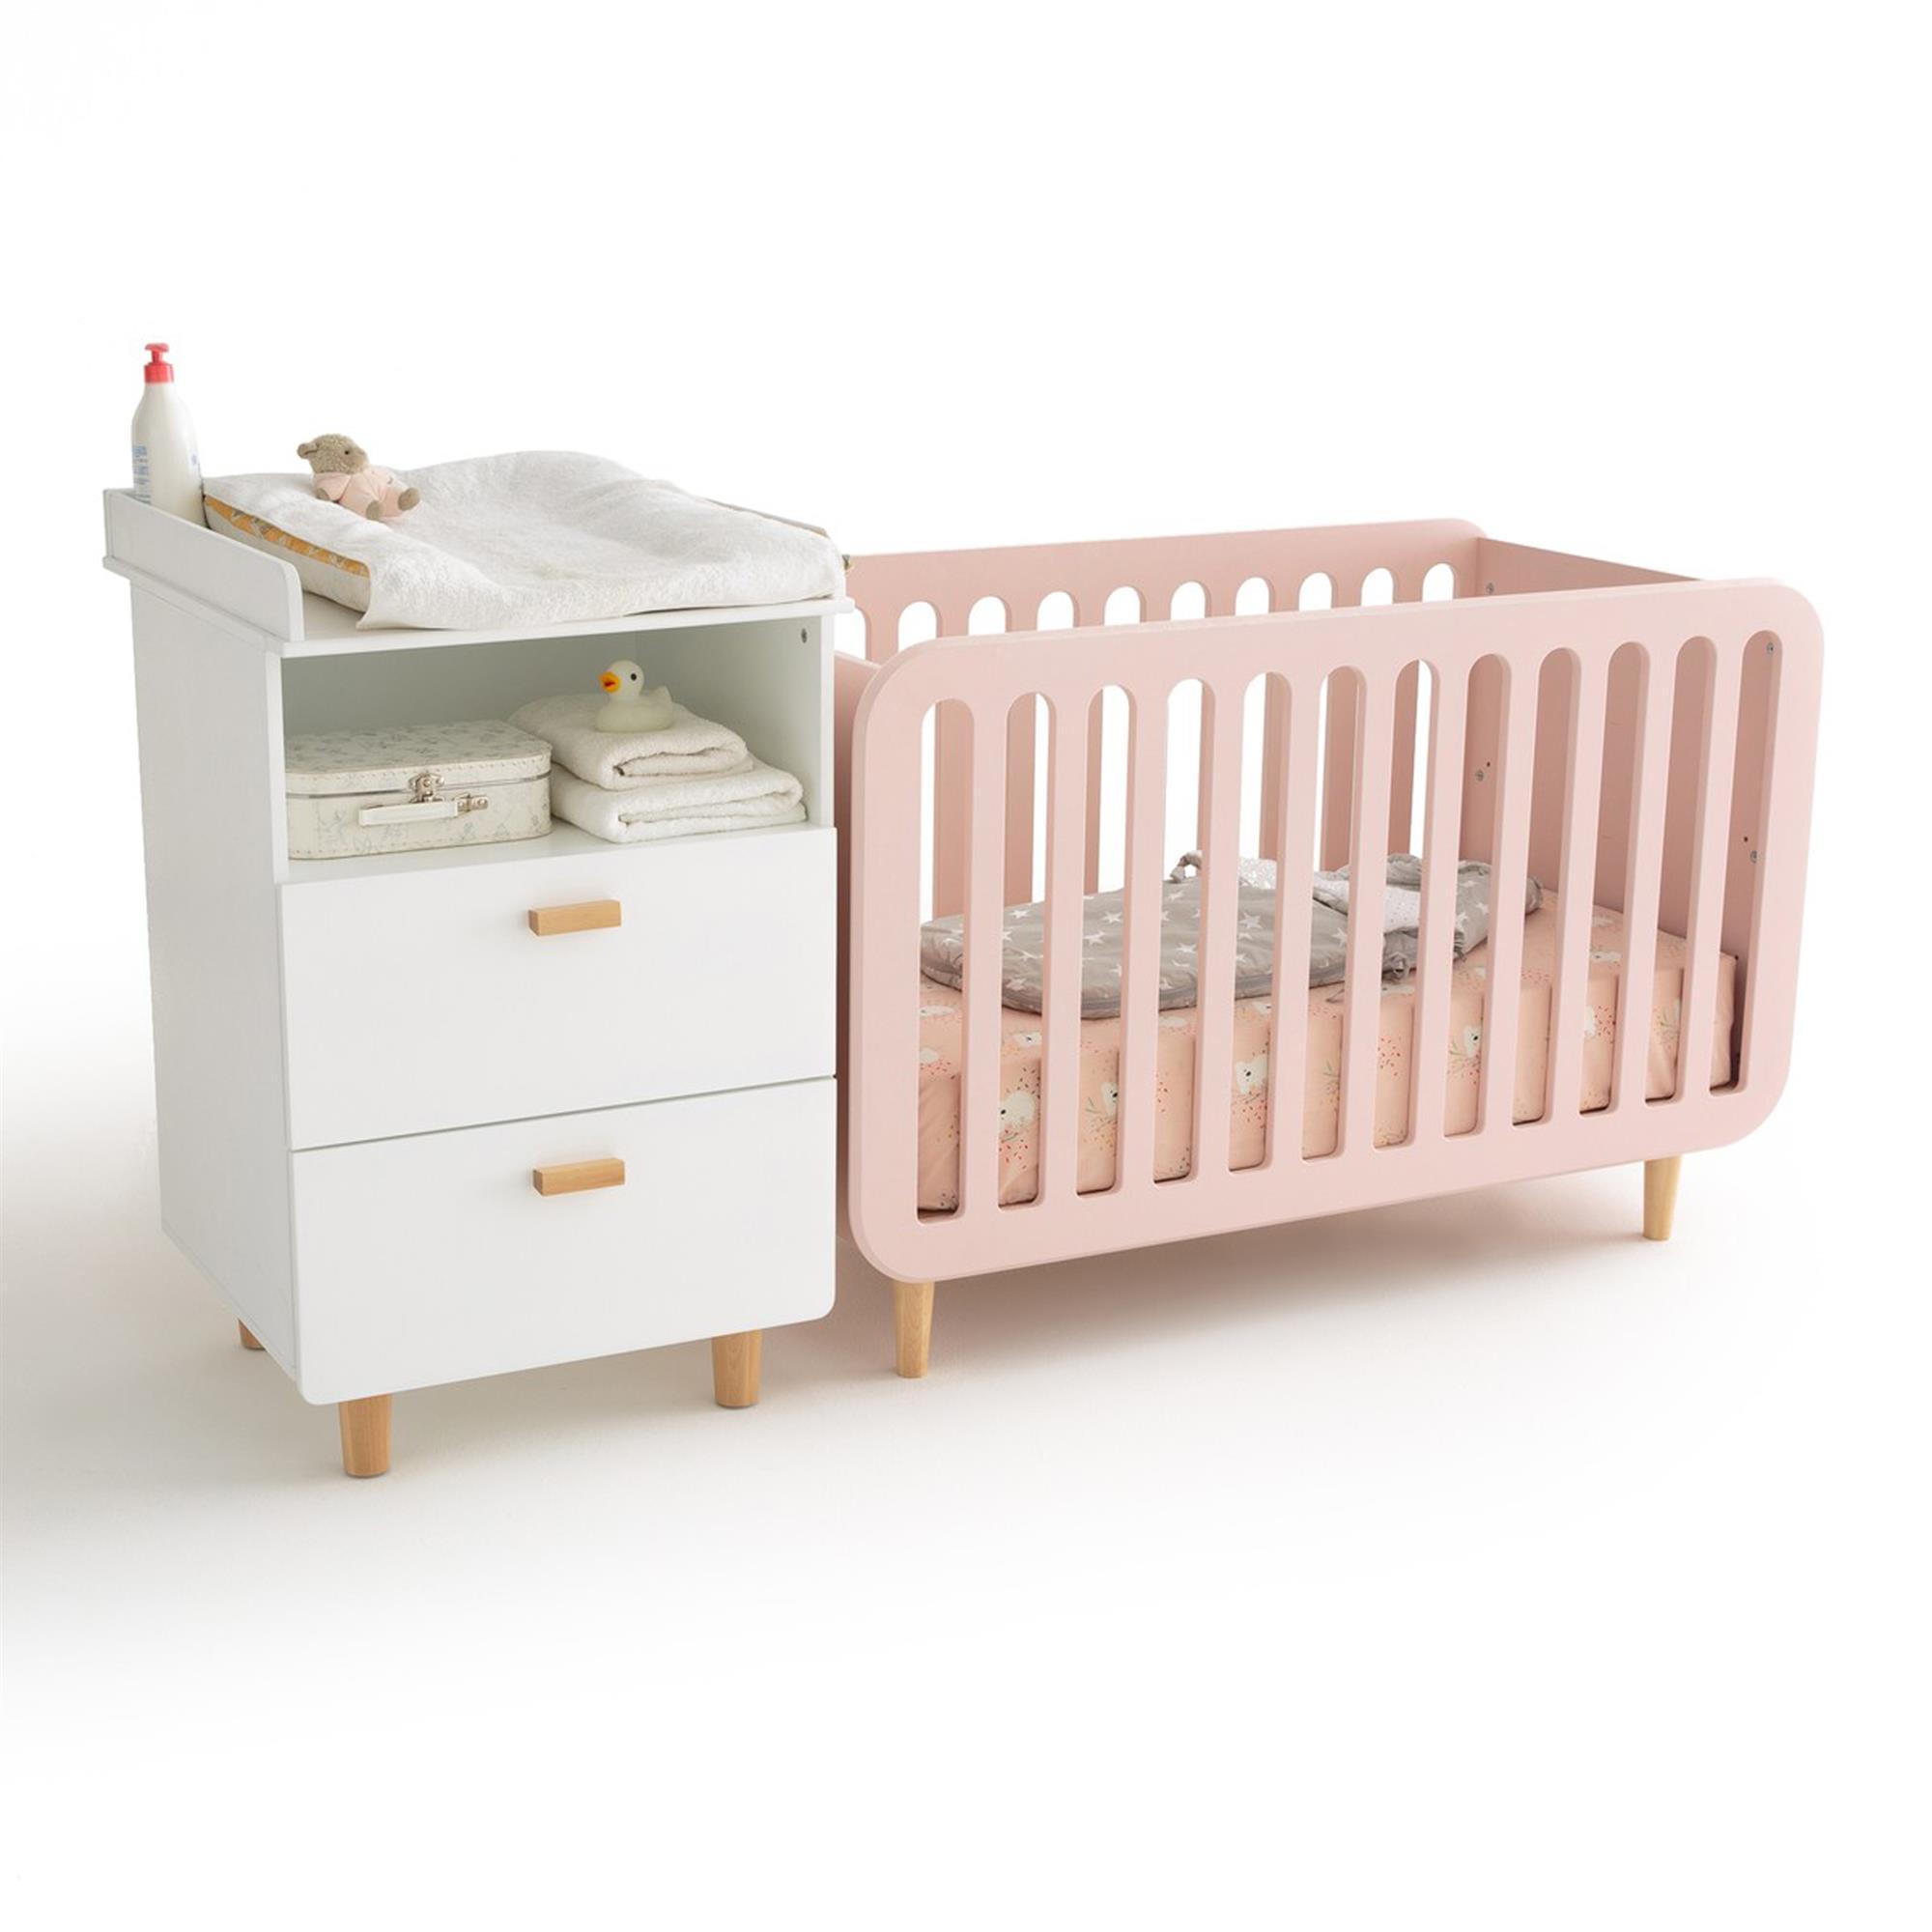 Muebles Bebe El Corte Ingles ~ Obtenga ideas Diseño de muebles para ...